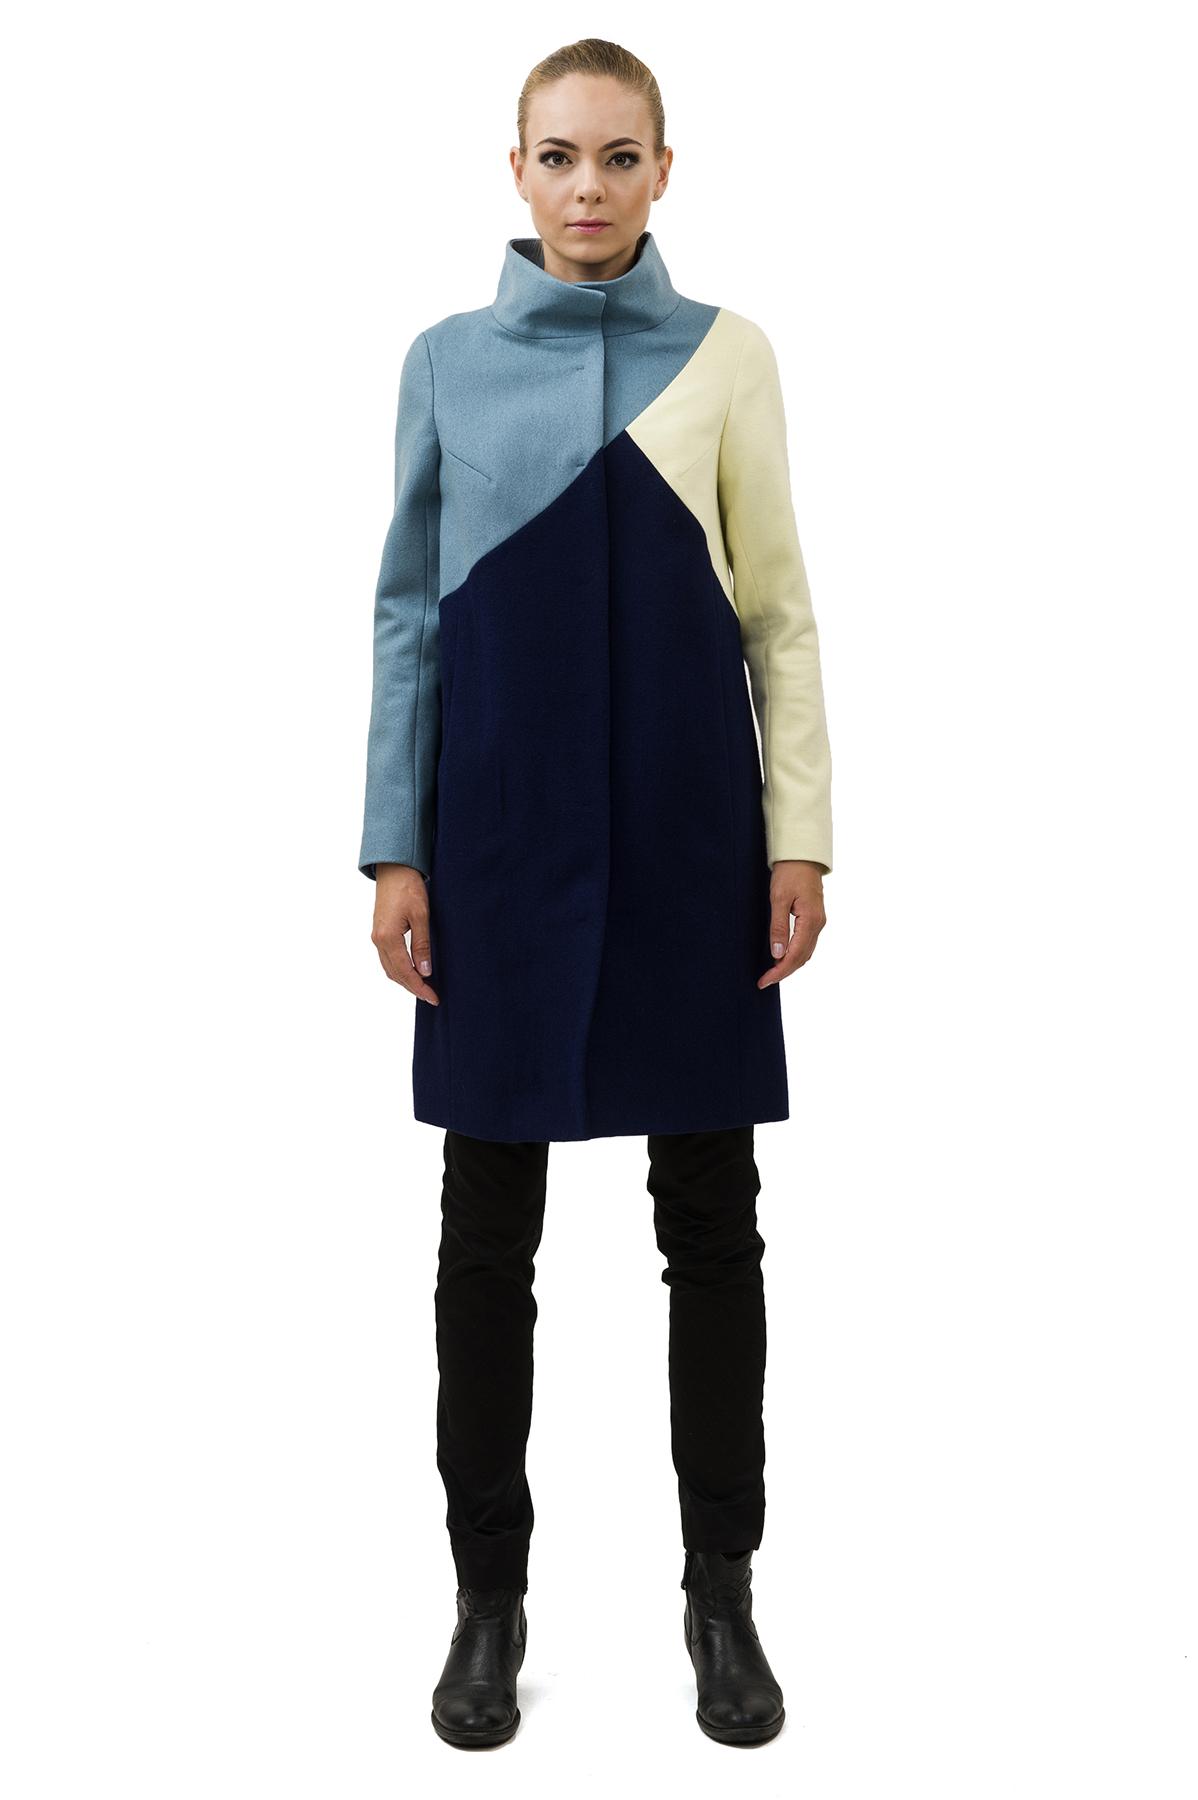 ПальтоЖенские куртки, плащи, пальто<br>Восхитительный вариант для тех, кто предпочитает стильные решения - элегантное пальто сдержанного модного дизайна, который подчеркнет Ваш безупречный вкус. Прекрасный вариант для создания элегантного образа.<br><br>Цвет: синий,голубой,желтый<br>Состав: 65% полиэстер, 15% шерсть, 18% вискоза, 2% эластан Подкладка: 50% полиэстер, 50% вискоза<br>Размер: 48,50<br>Страна дизайна: Россия<br>Страна производства: Россия